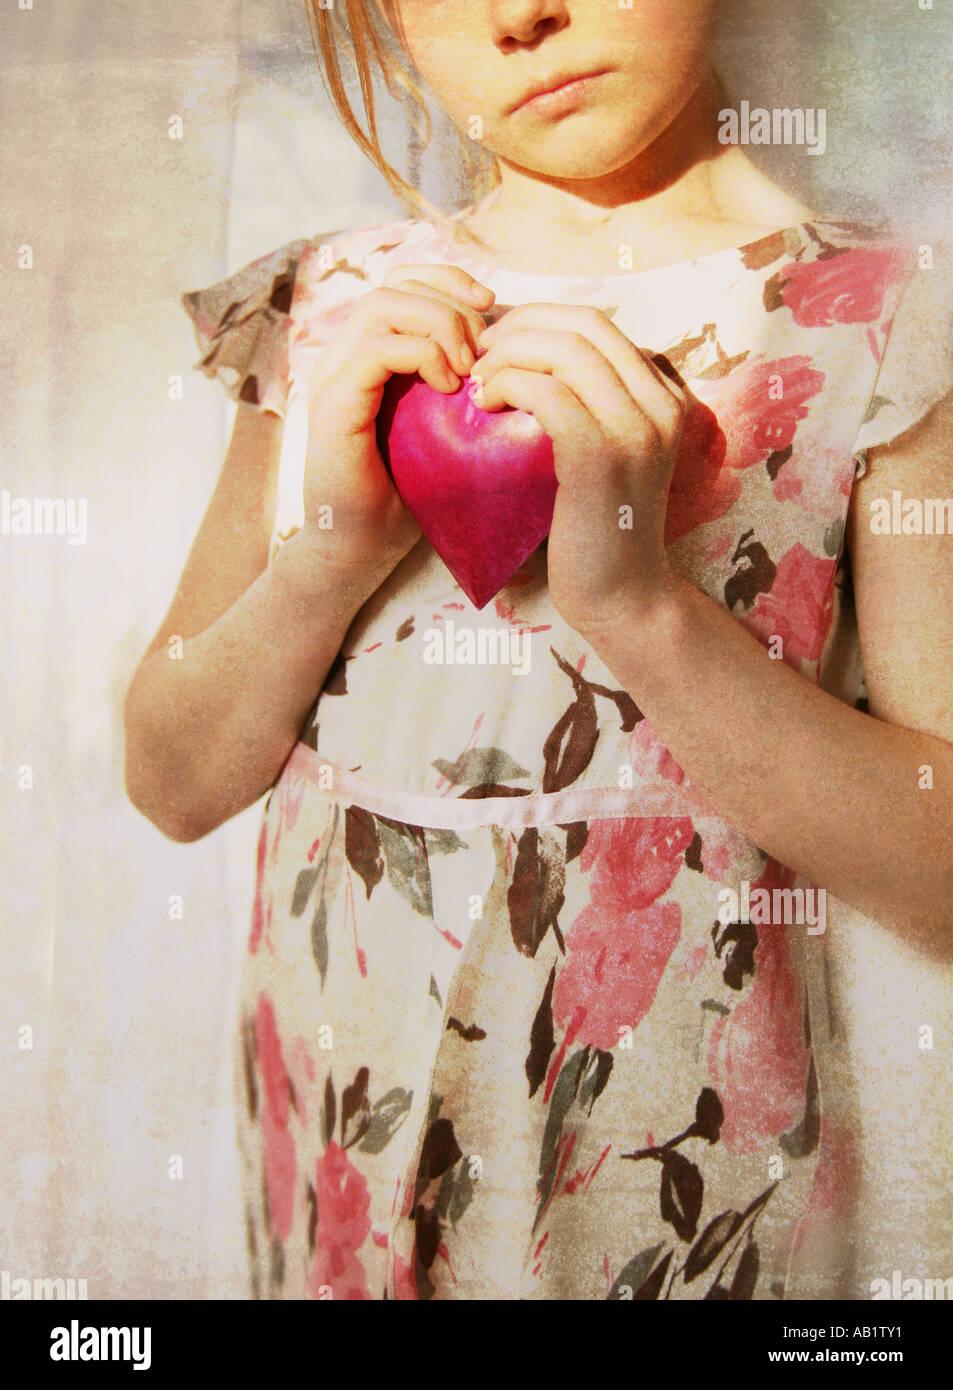 ein Mädchen hält ein rosa Herz Stockbild